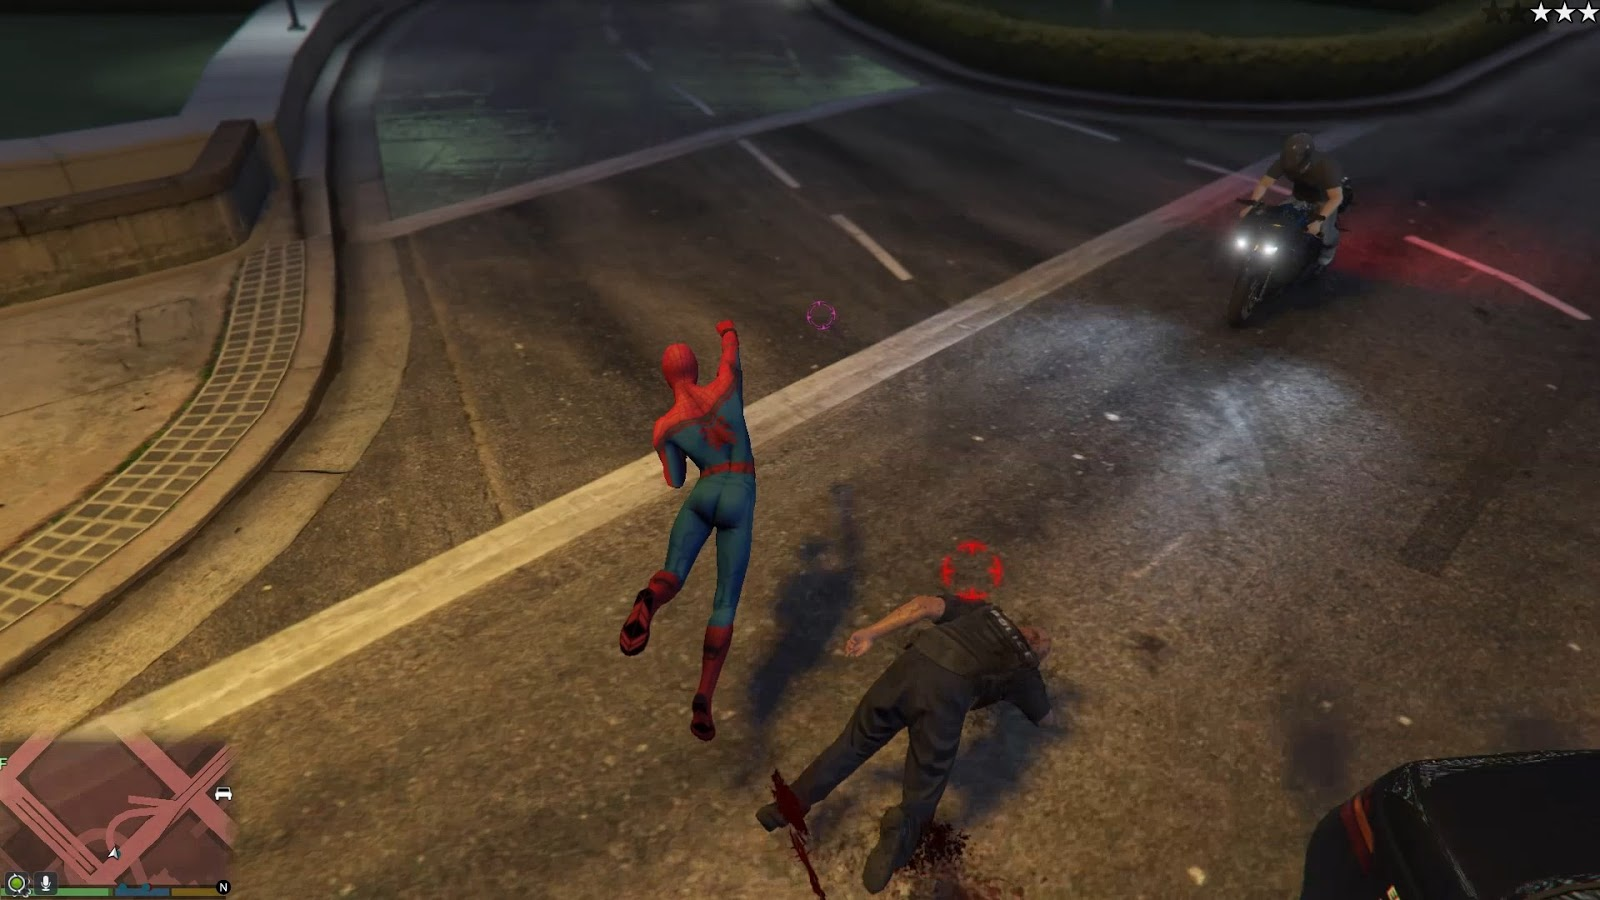 GTA X Scripting: GTA V - The Spiderman mod by JulioNIB